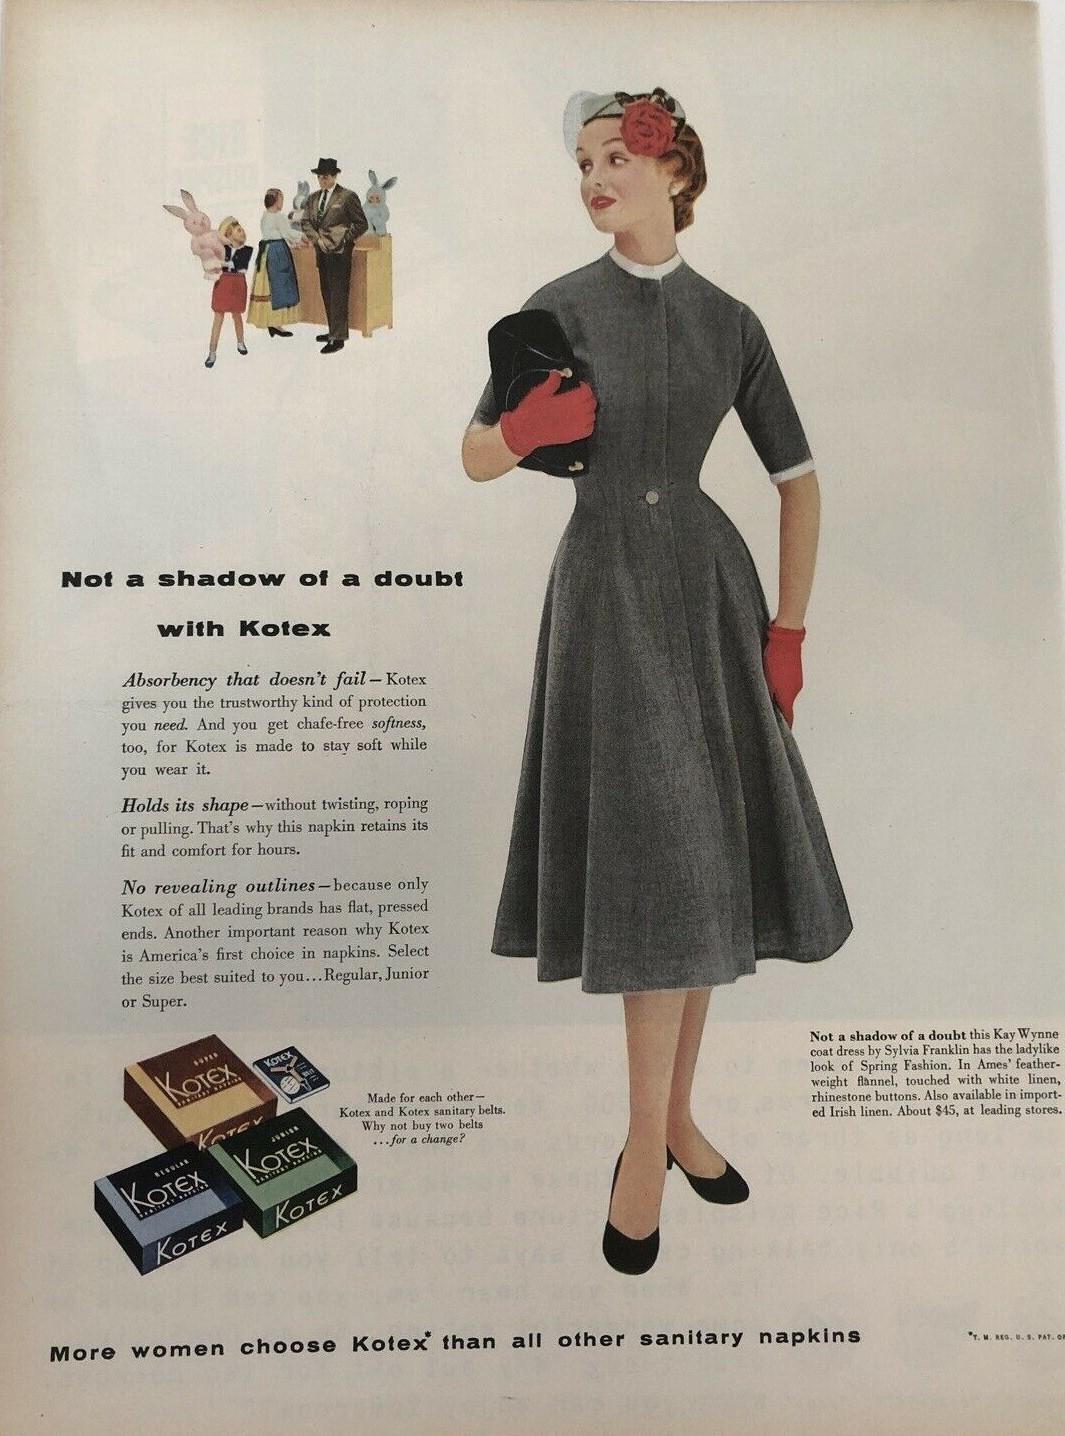 1954 KOTEX pas l'Ombre d'un doute